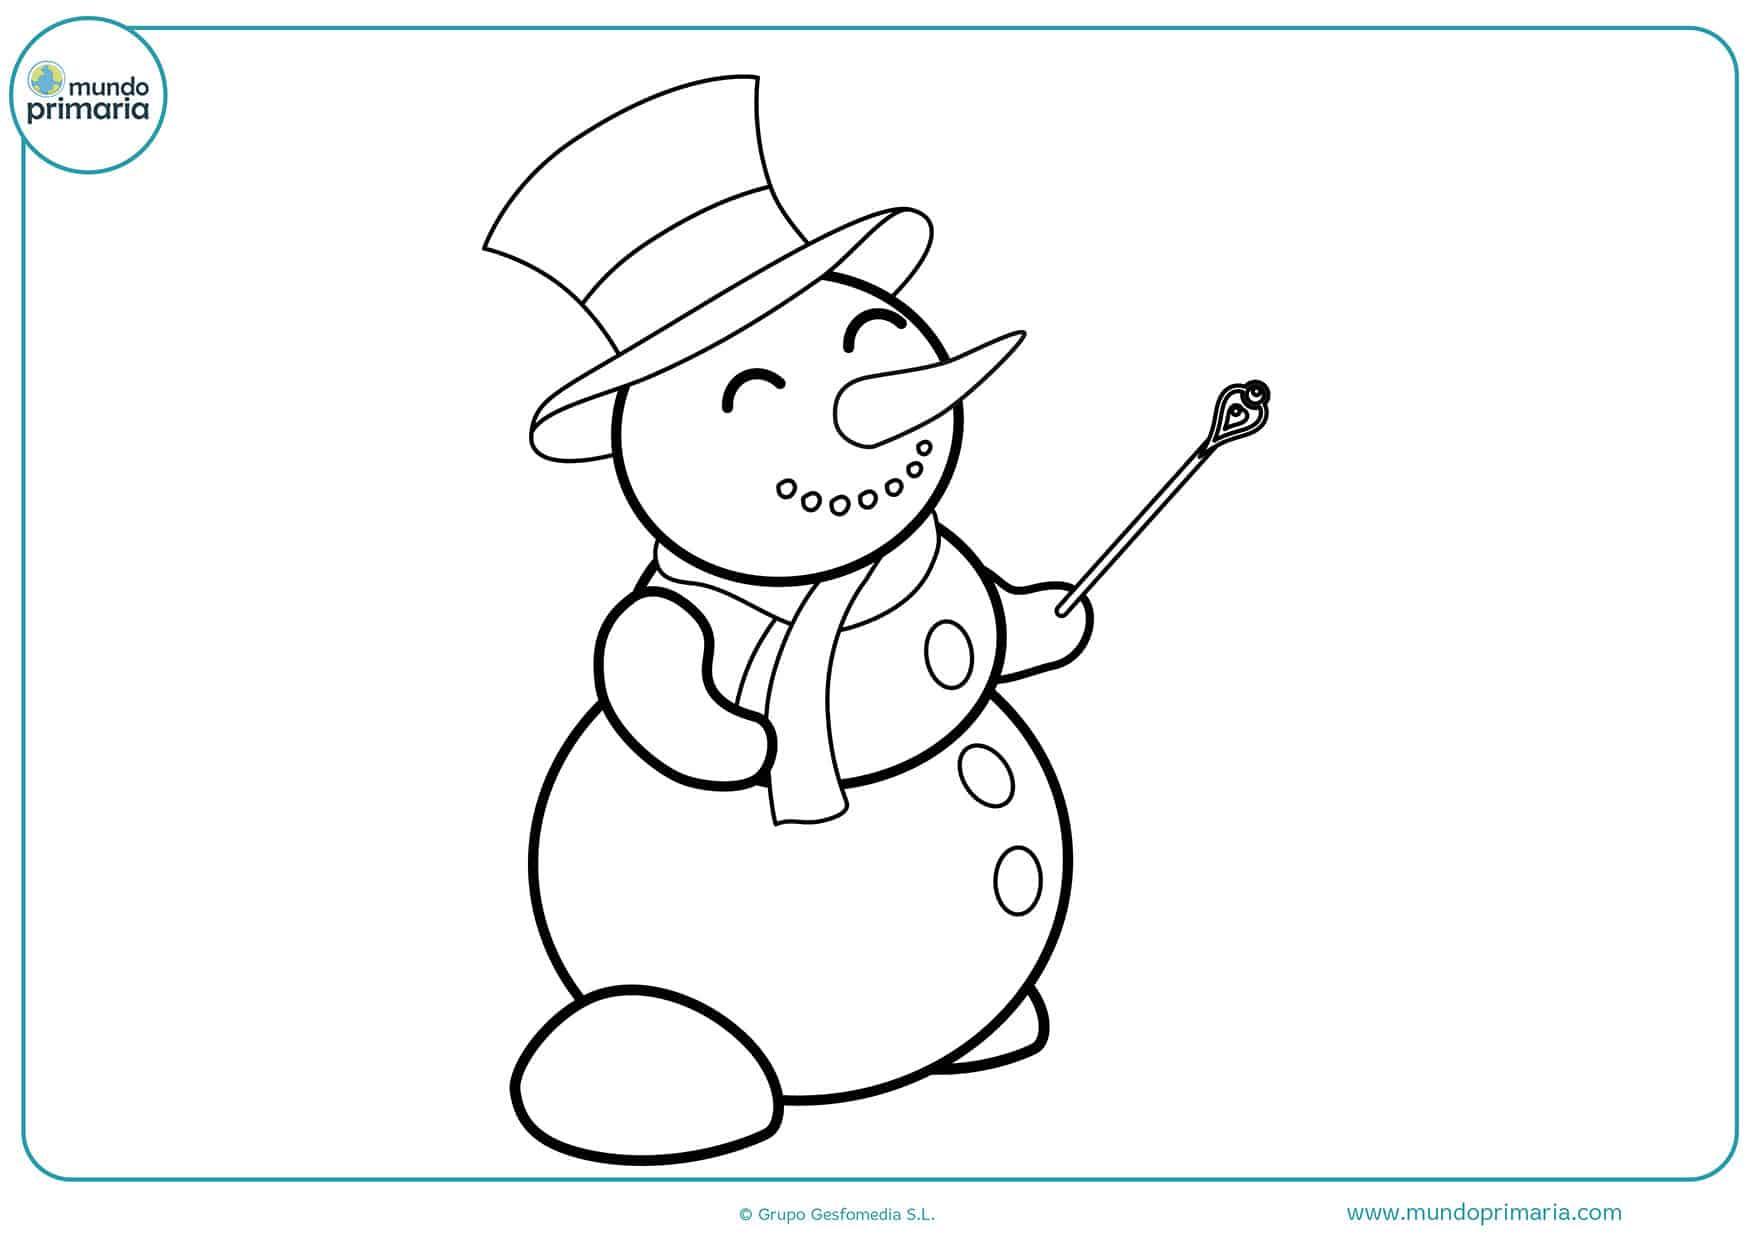 Dibujos Para Colorear Disney Para Y Dibujos Para Pintar: Dibujos De Navidad Para Colorear E Imprimir 【Originales Y